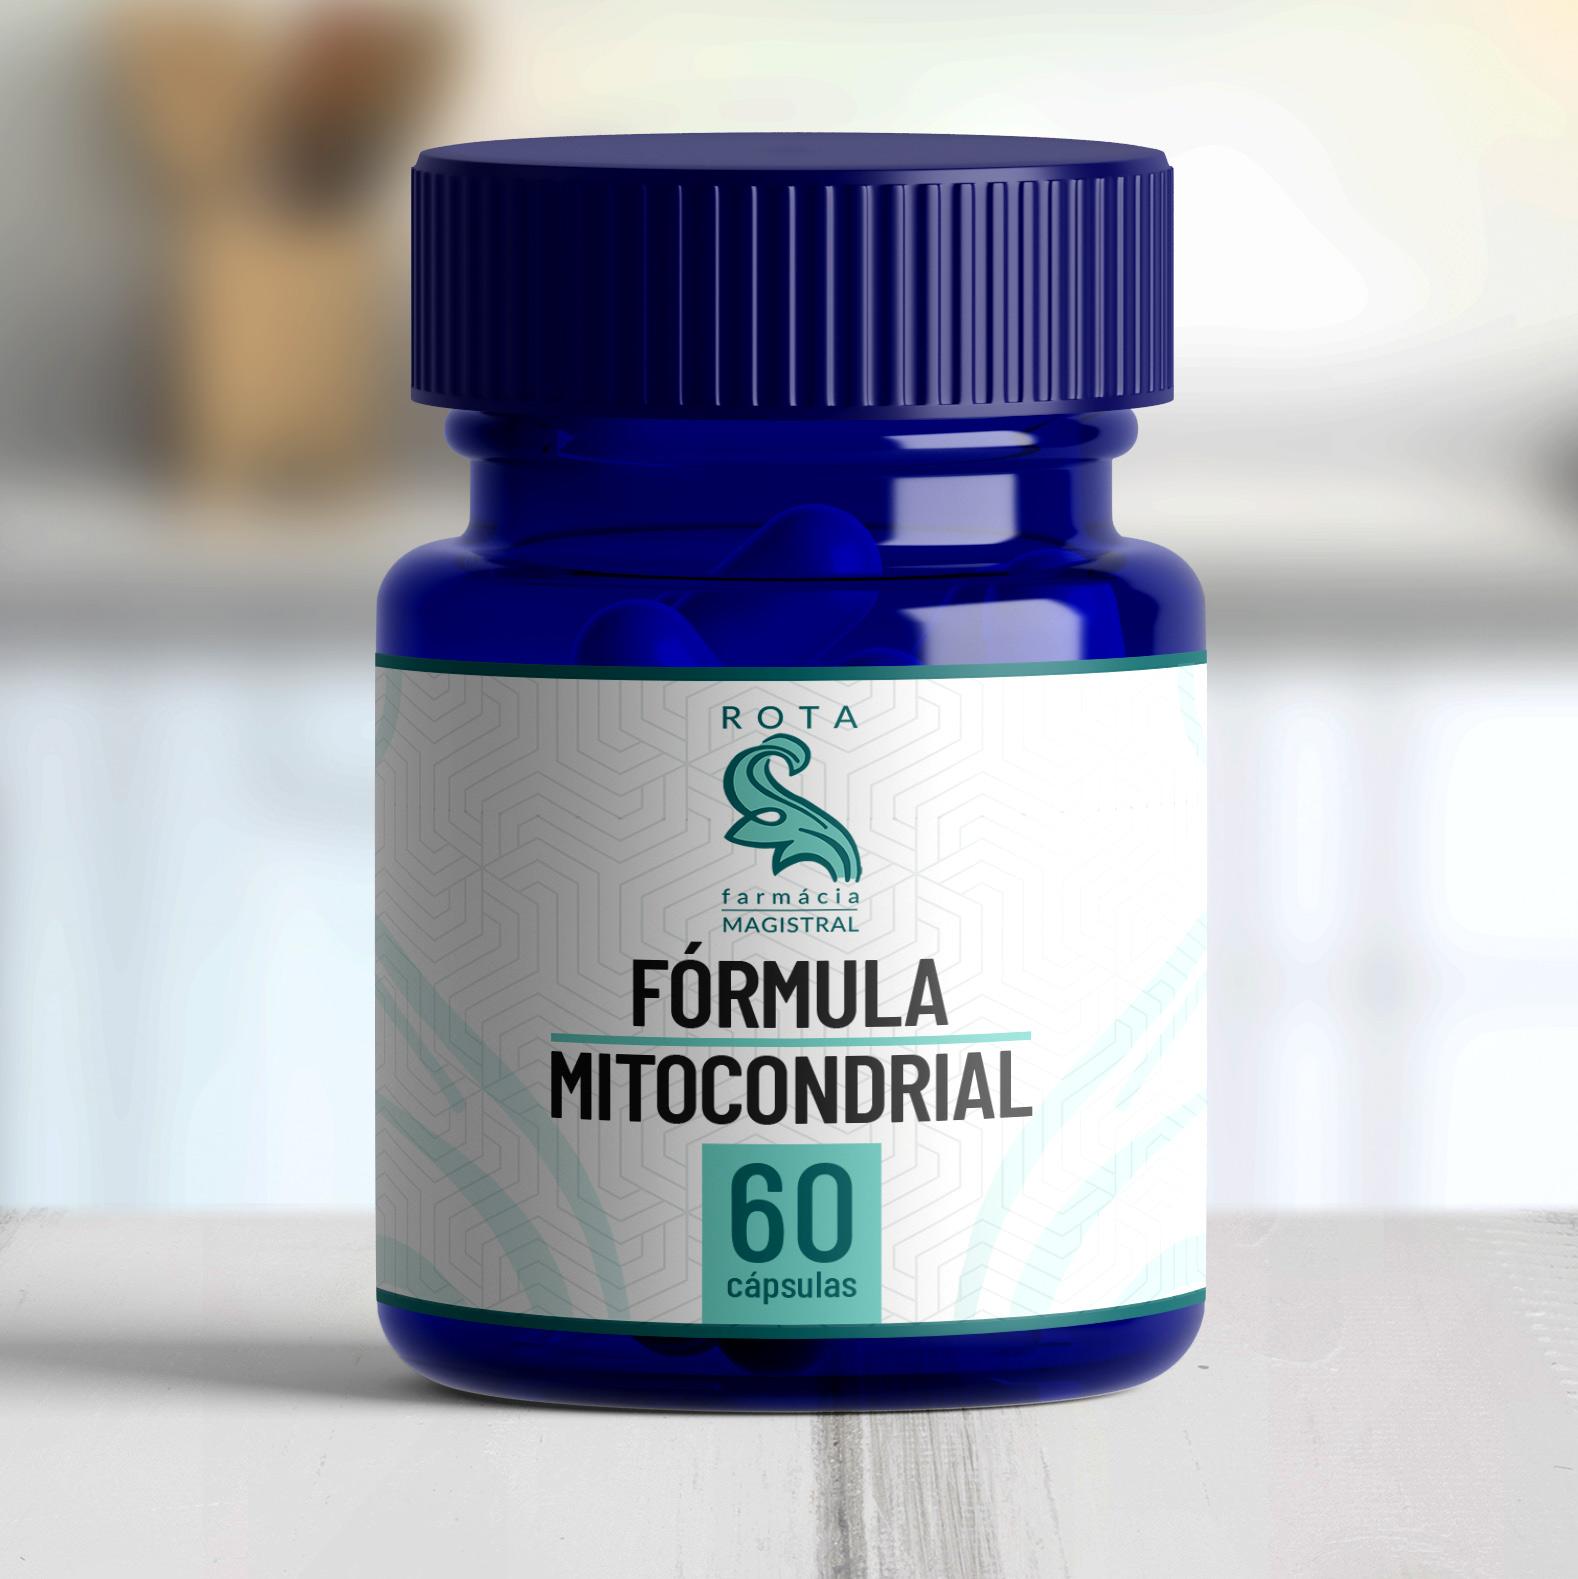 Fórmula Mitocondrial 60 cápsulas